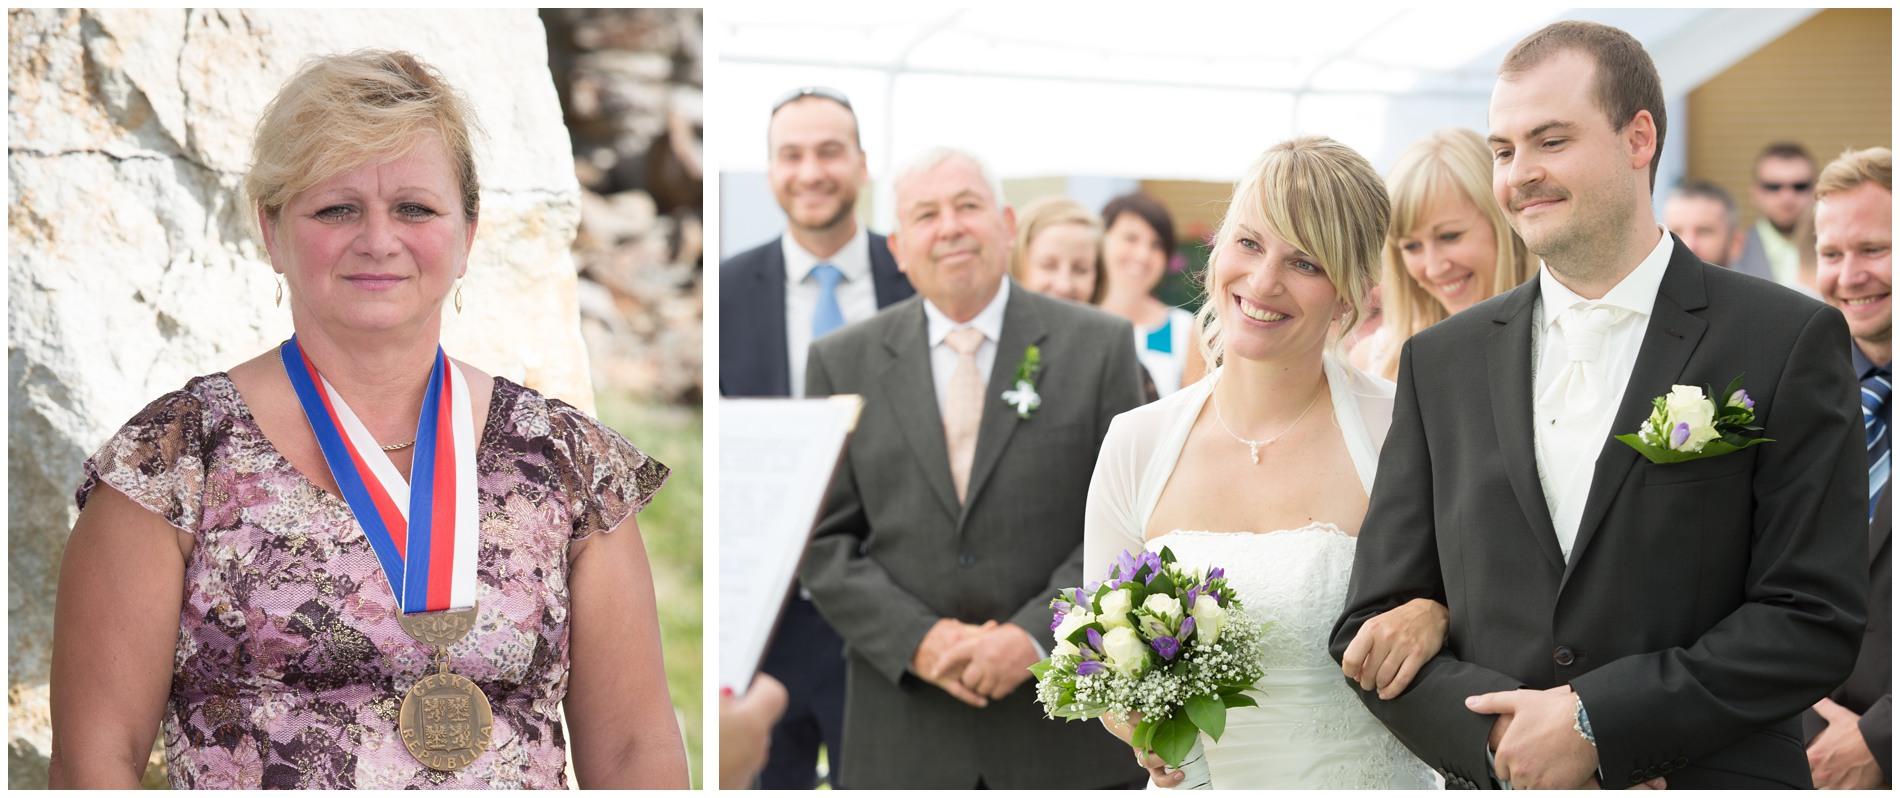 Ganztags-Reportage der Hochzeitsfeier von Ludmila und Nico